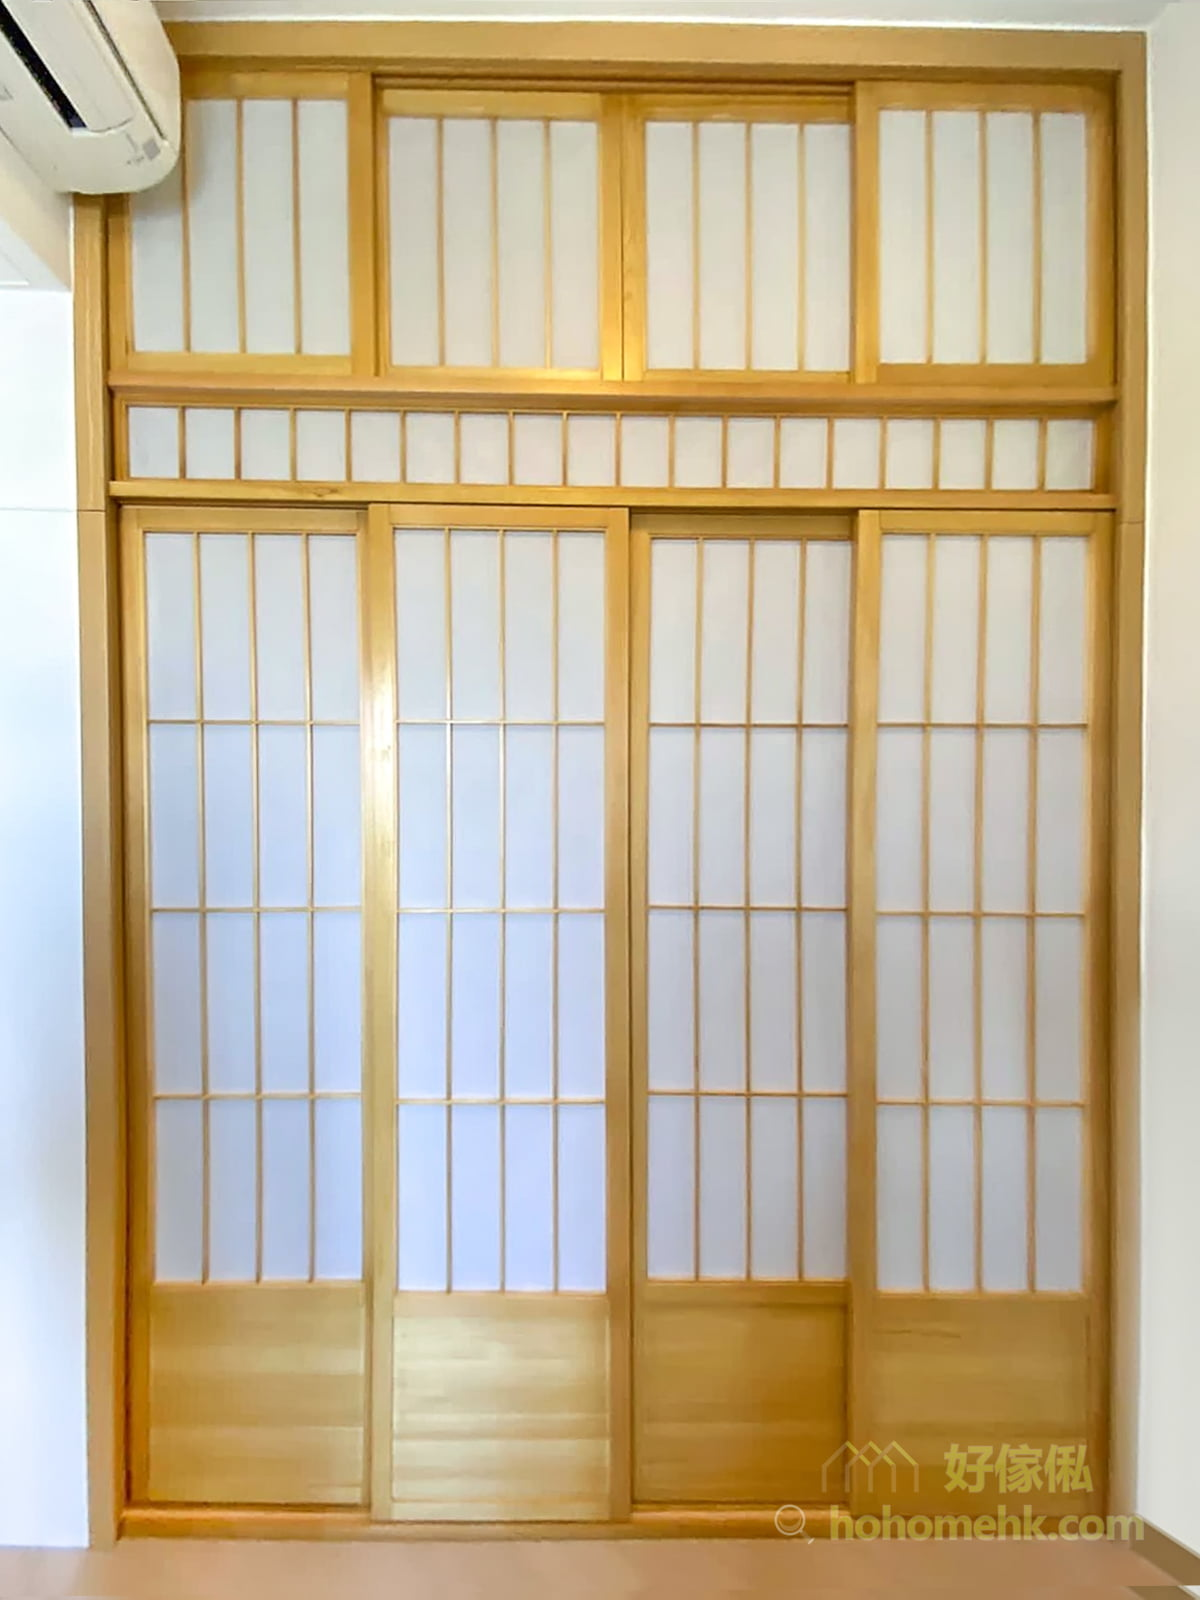 日式趟門/和風趟門/間房趟門